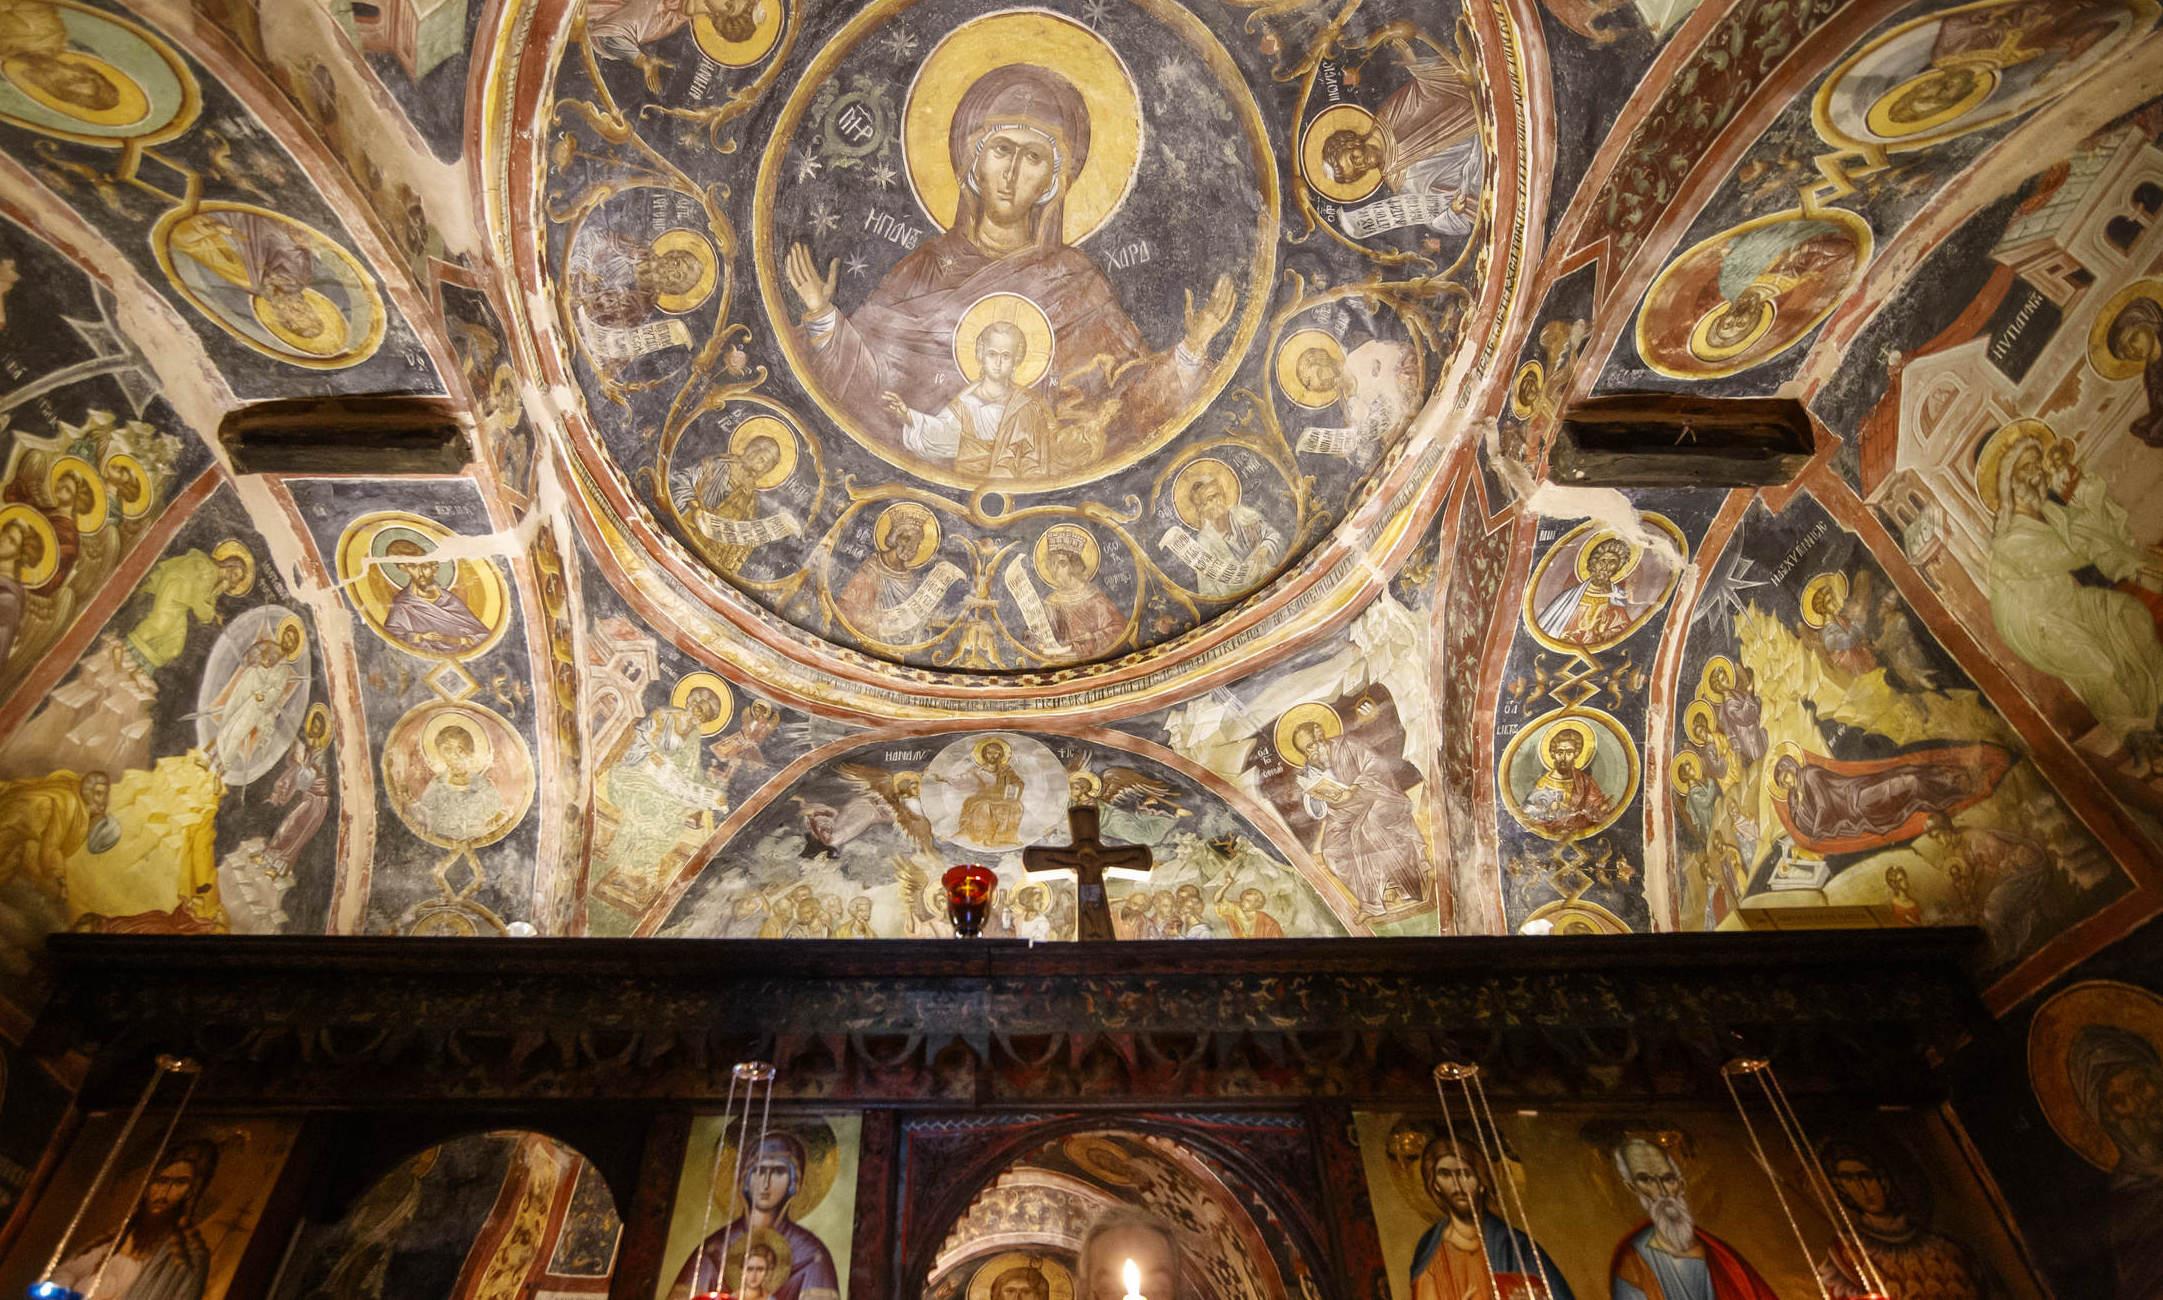 Mănăstirea Ortodoxă Română Adormirea Maicii Domnului - Portugalia